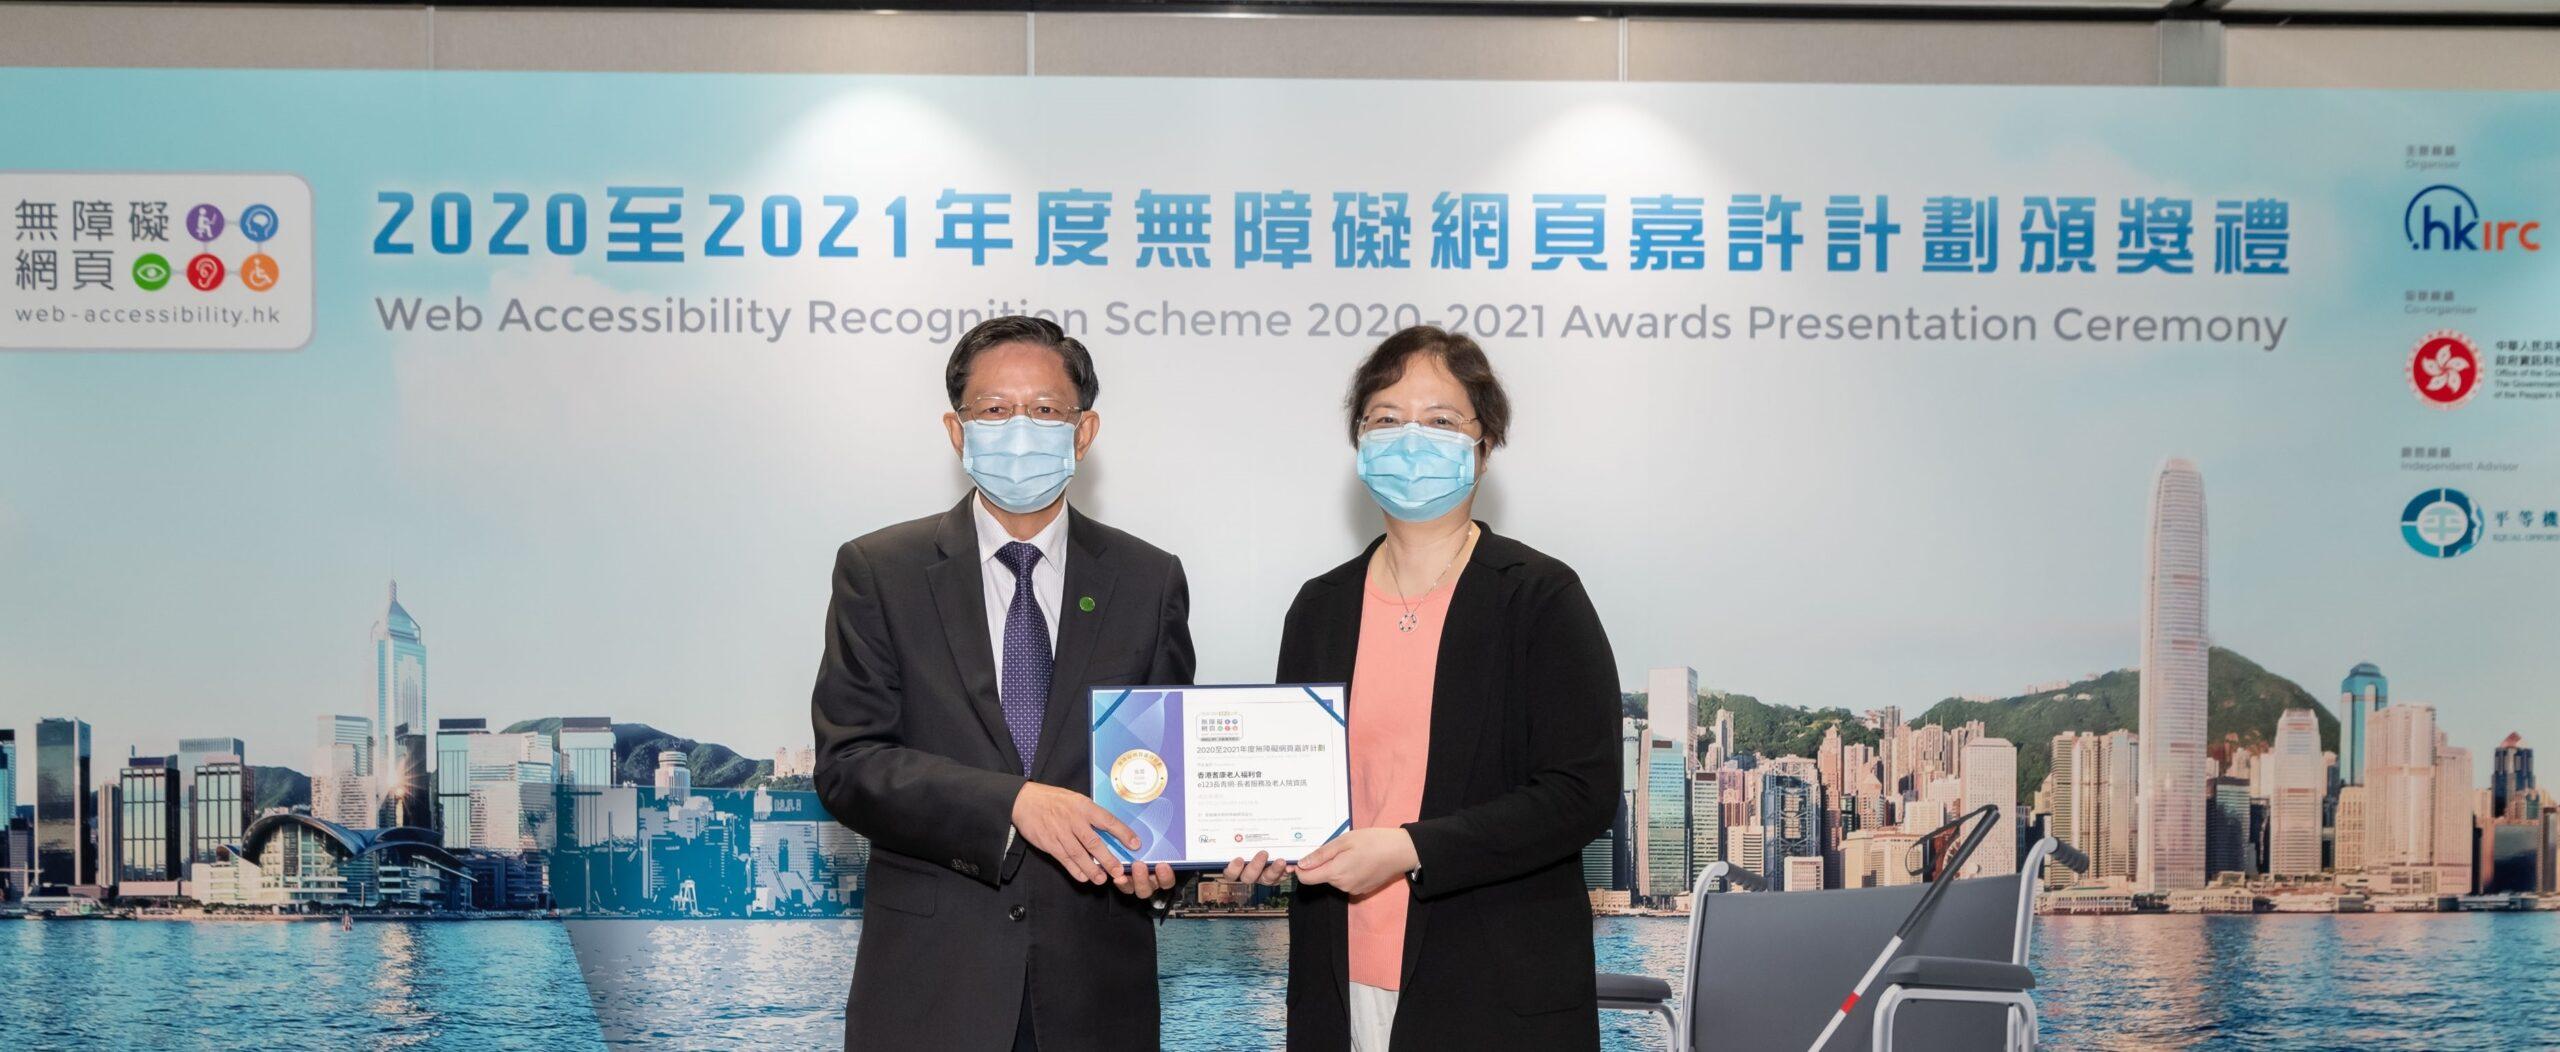 i2為耆康會開發的「長青網」網站及流動應用程式在2020至2021年度獲得無障礙網頁嘉許計劃兩項金獎的殊榮!